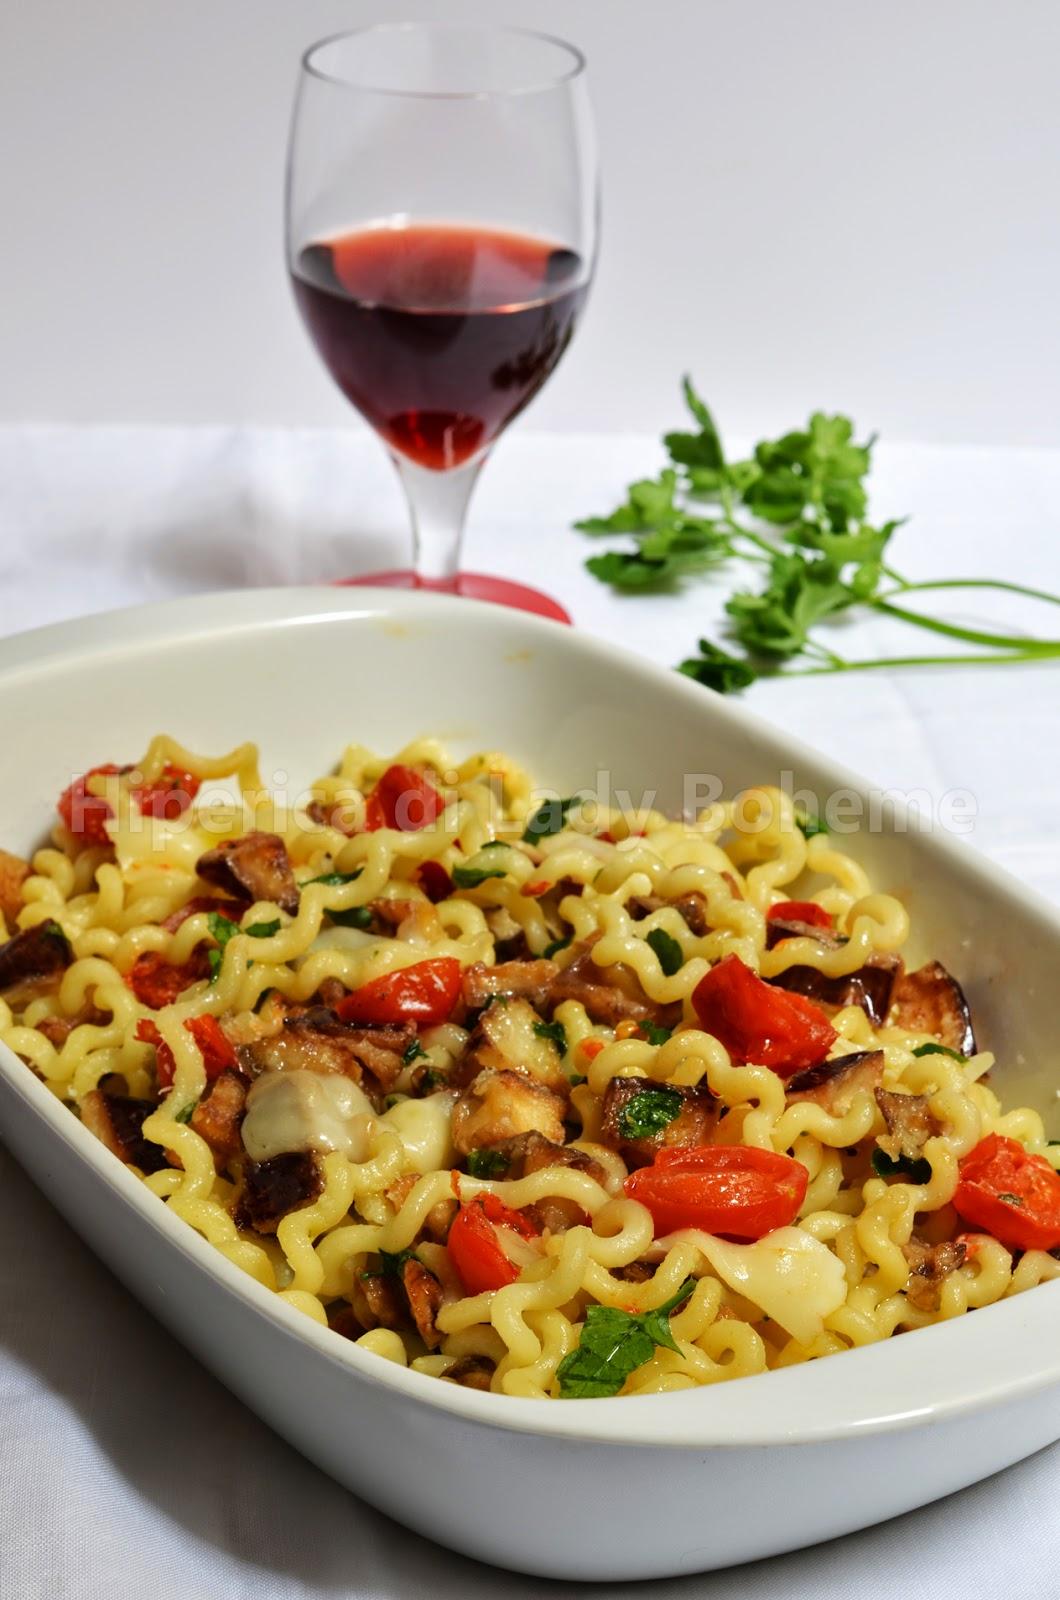 hiperica_lady_boheme_blog_cucina_ricette_gustose_facili_veloci_fusilli_con_melanzane_e_pomodorini_1